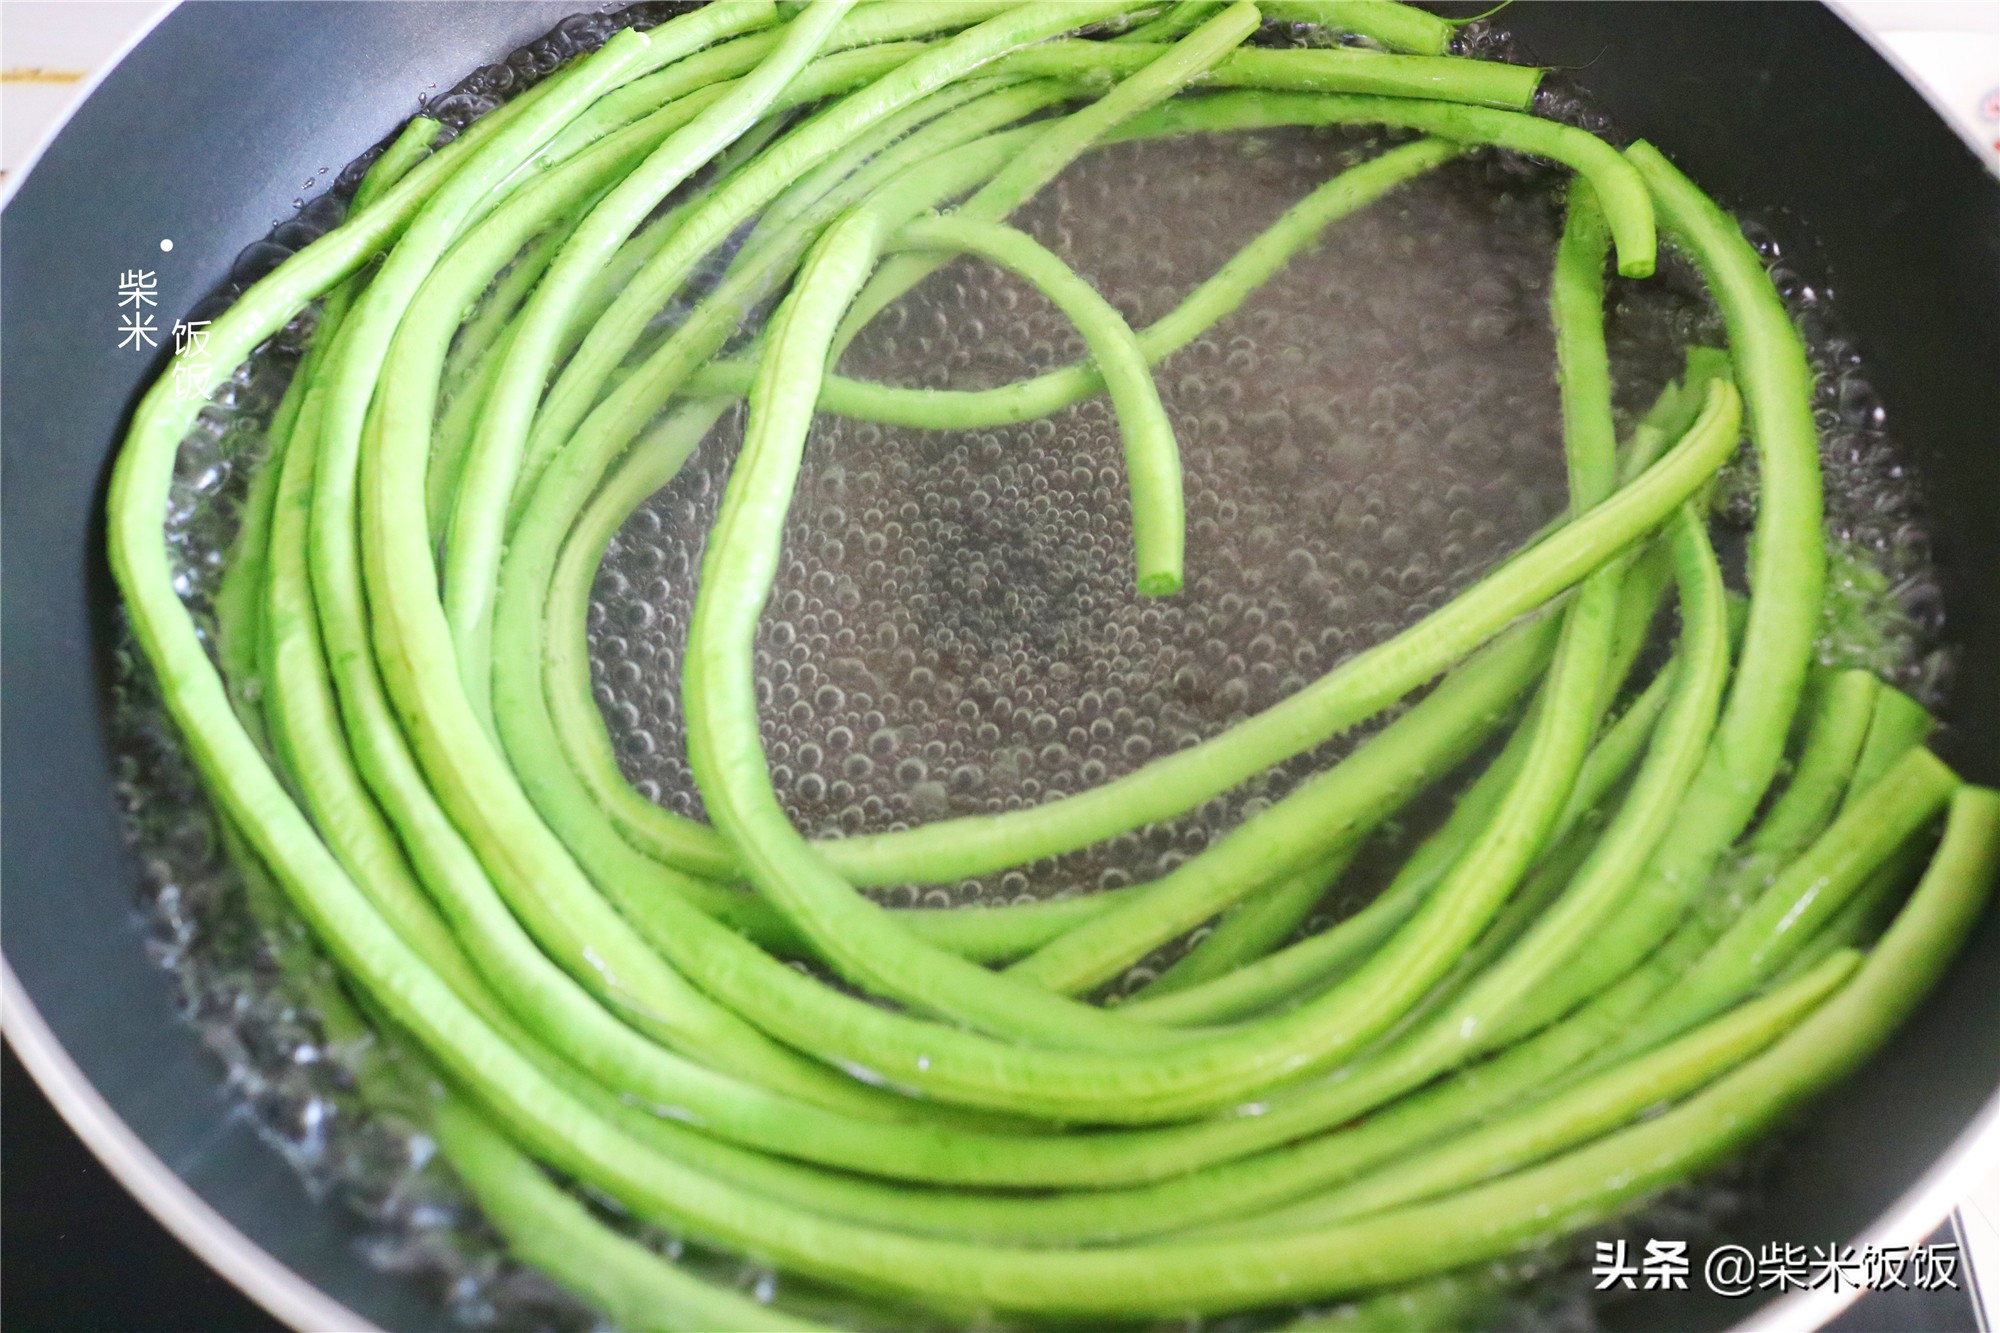 夏季蒸包子,這個餡的要試試,比韭菜更鮮美,個個飽滿不塌陷